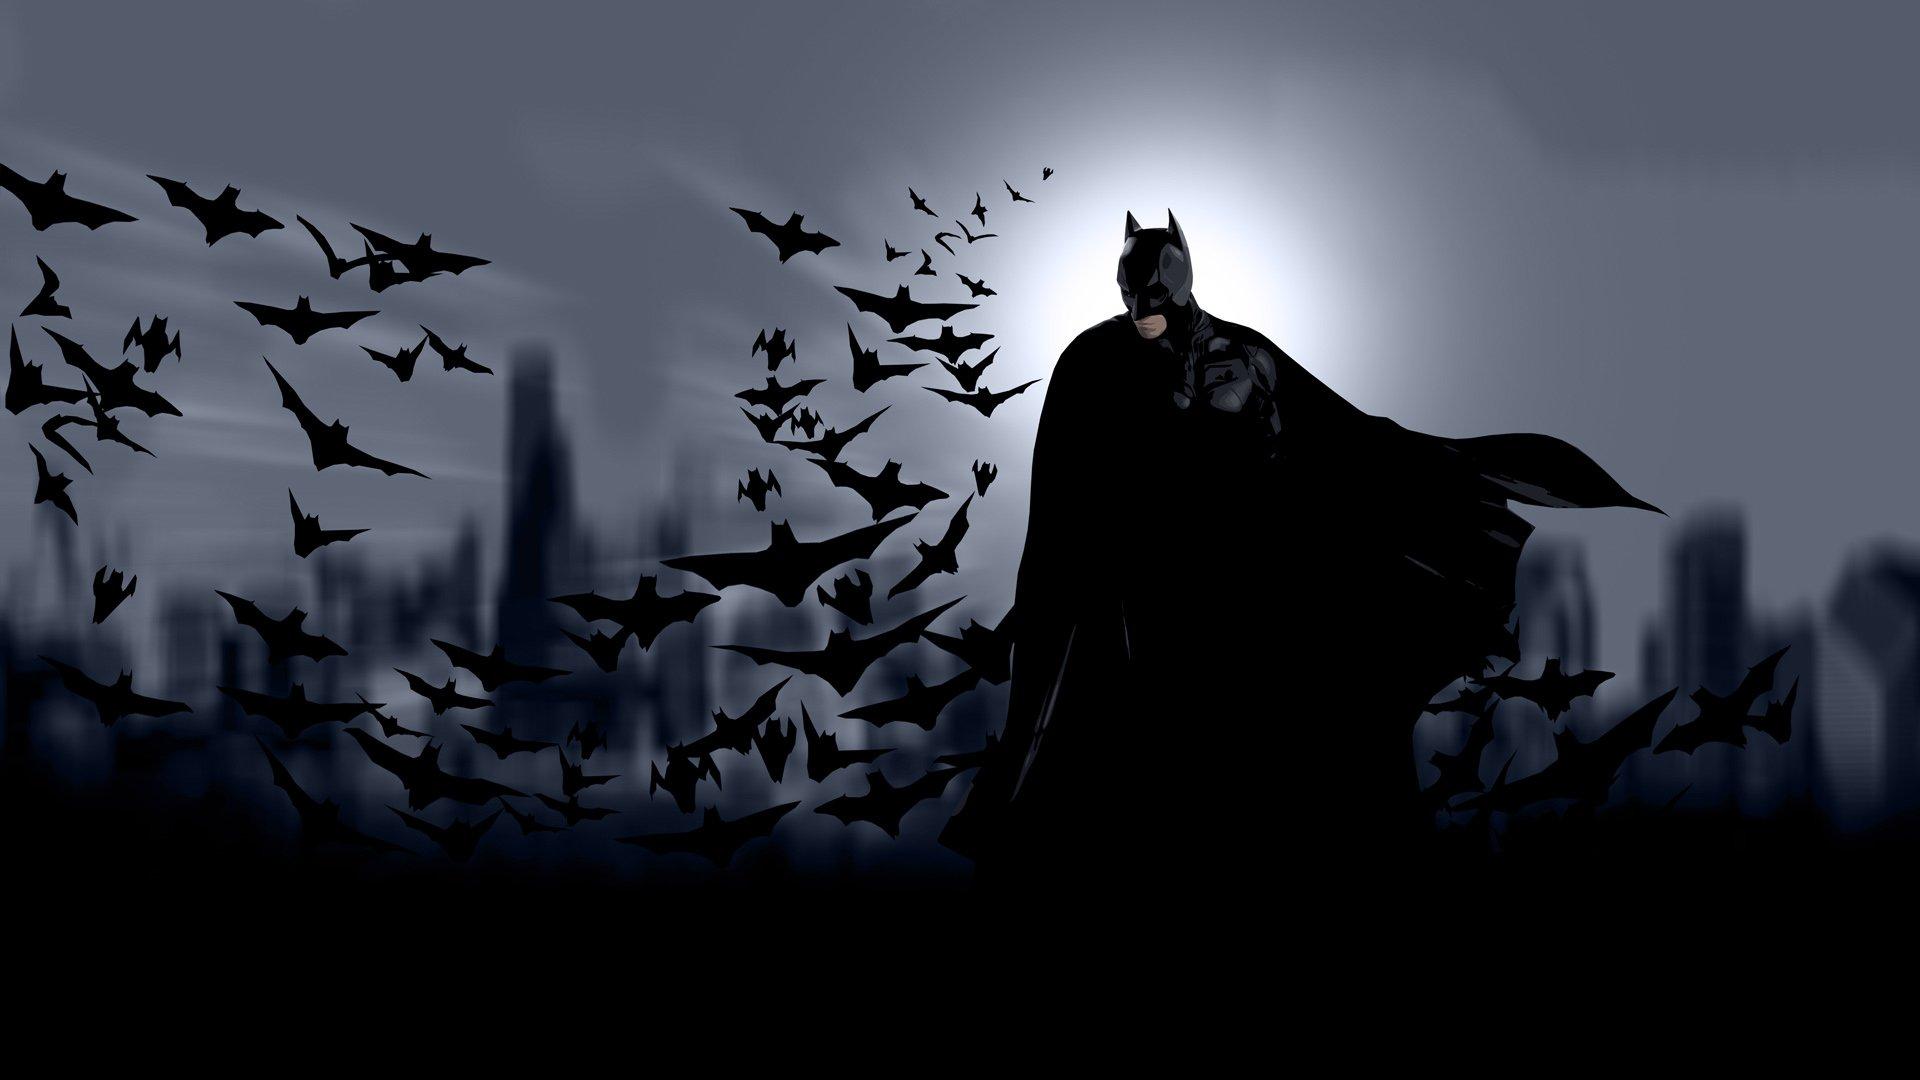 Megvan a végső válasz arra, hogy ki volt a legjobb Batman